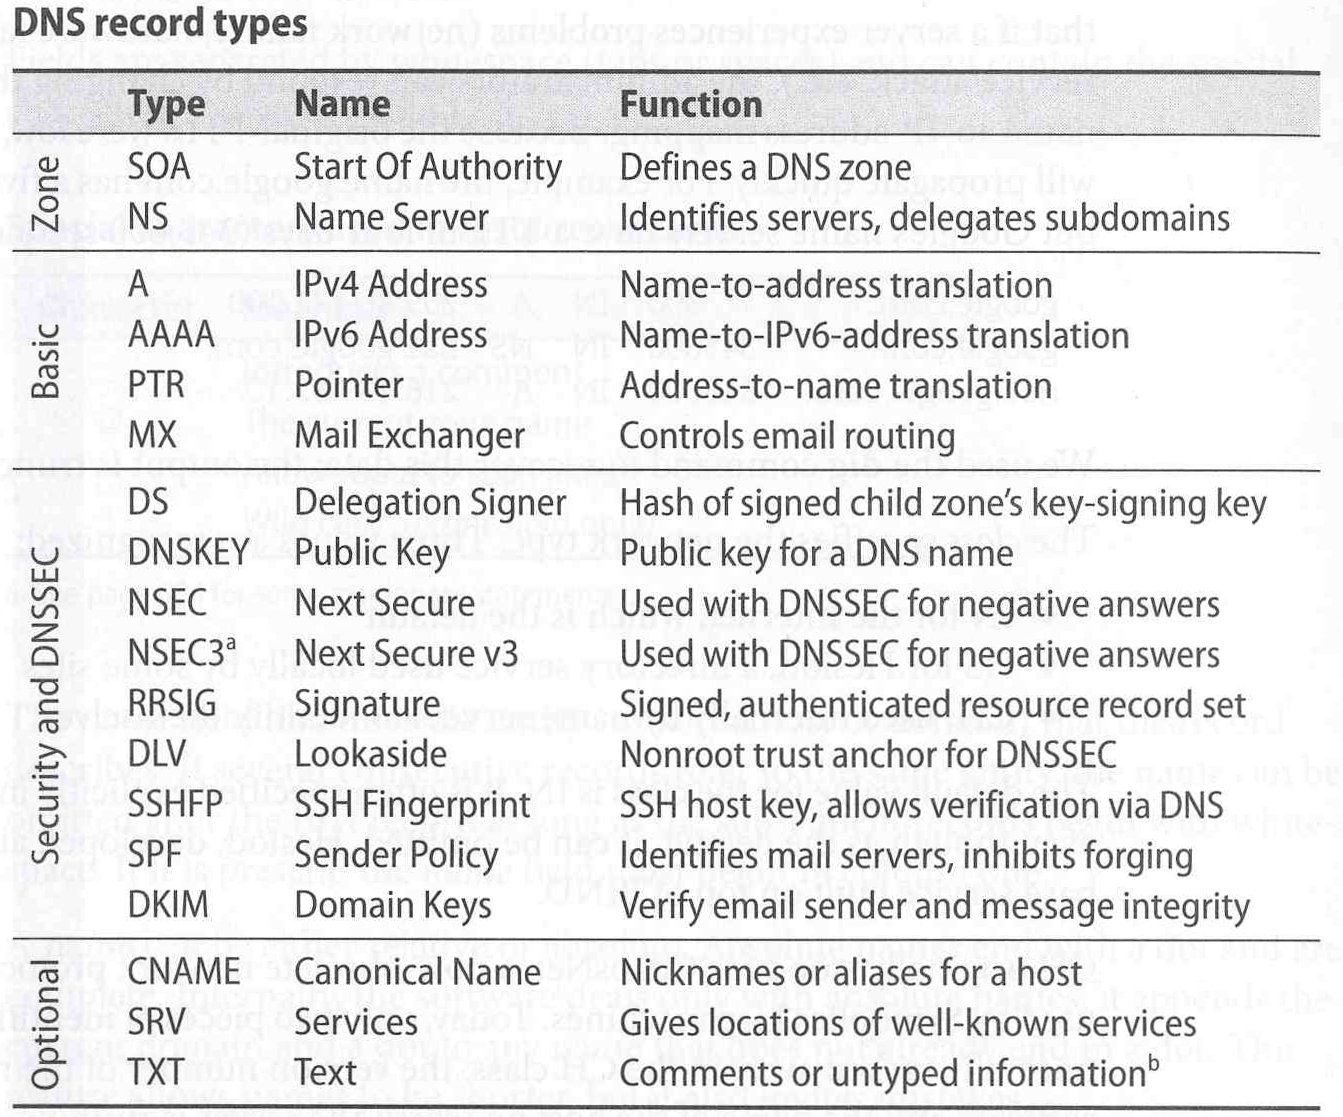 انواع مختلف DNS Record